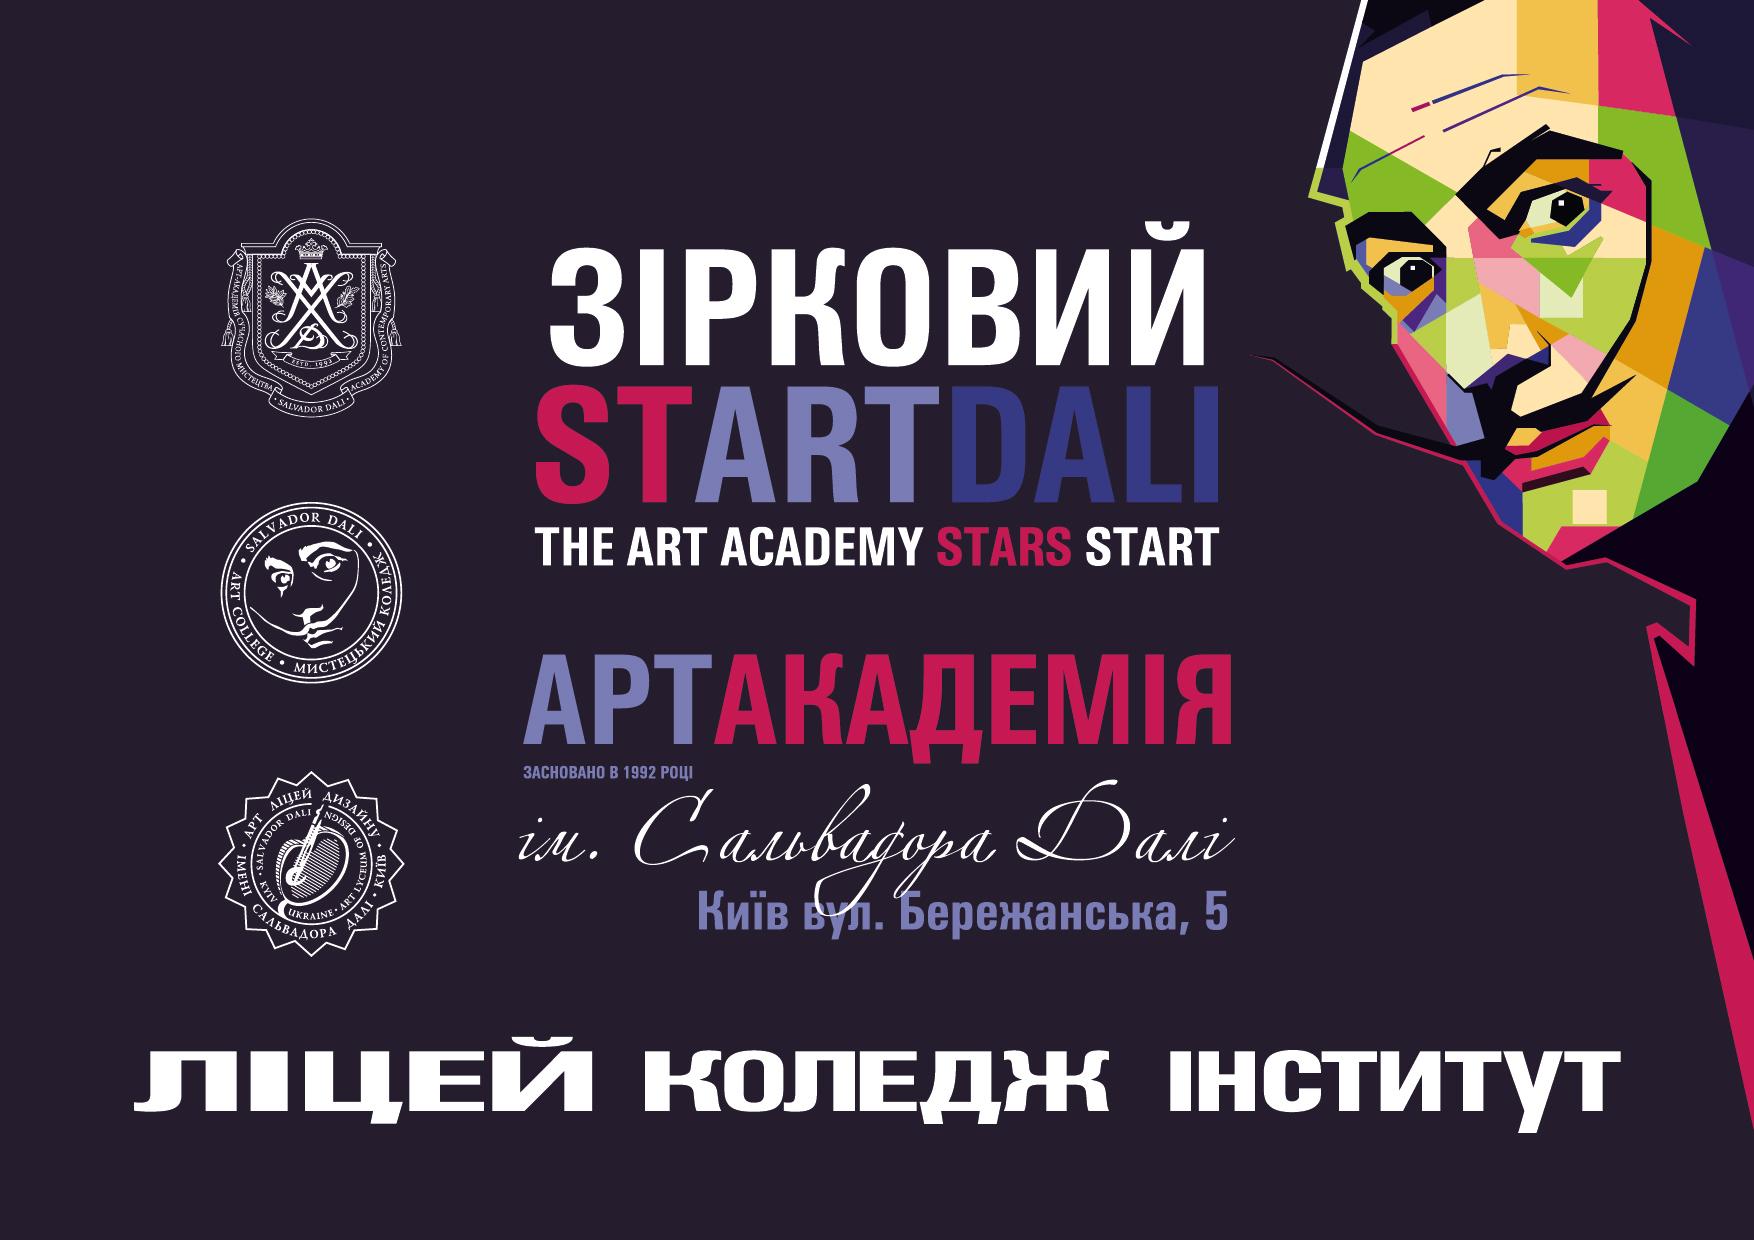 A4 StartDali